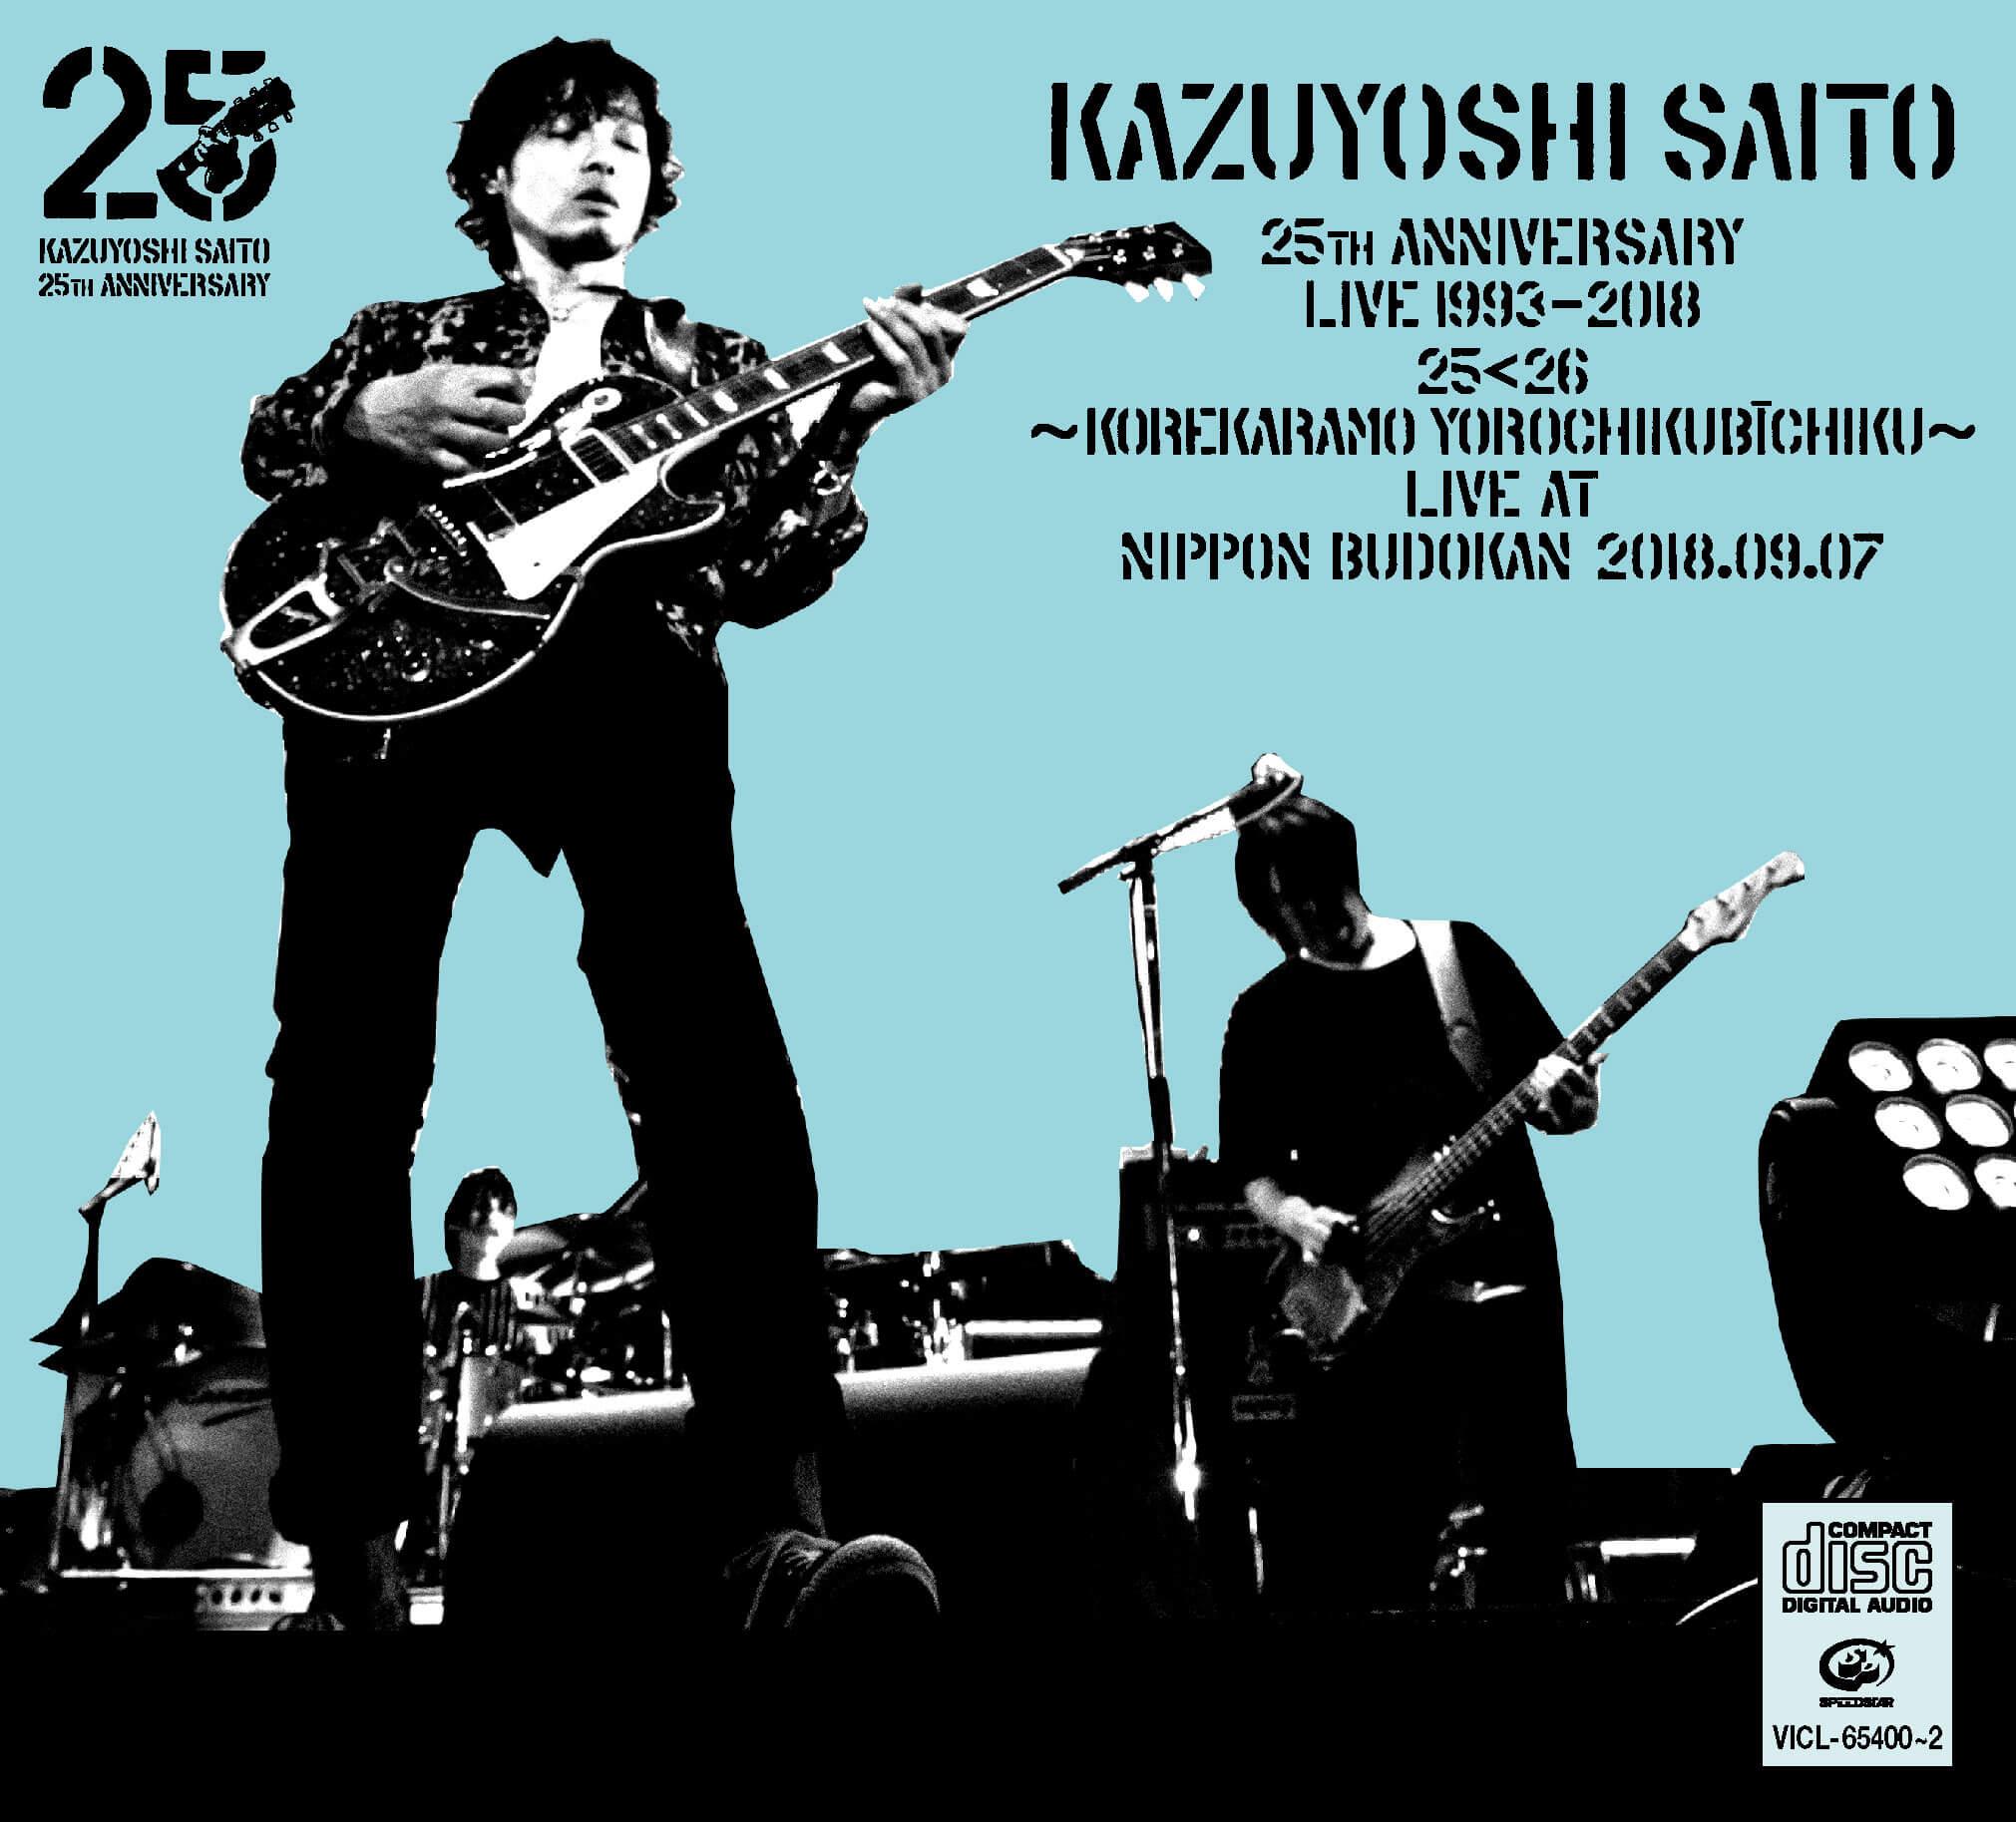 斉藤和義、日本武道館と札幌アフターパーティを完全網羅した25周年記念ライブ作品をリリース